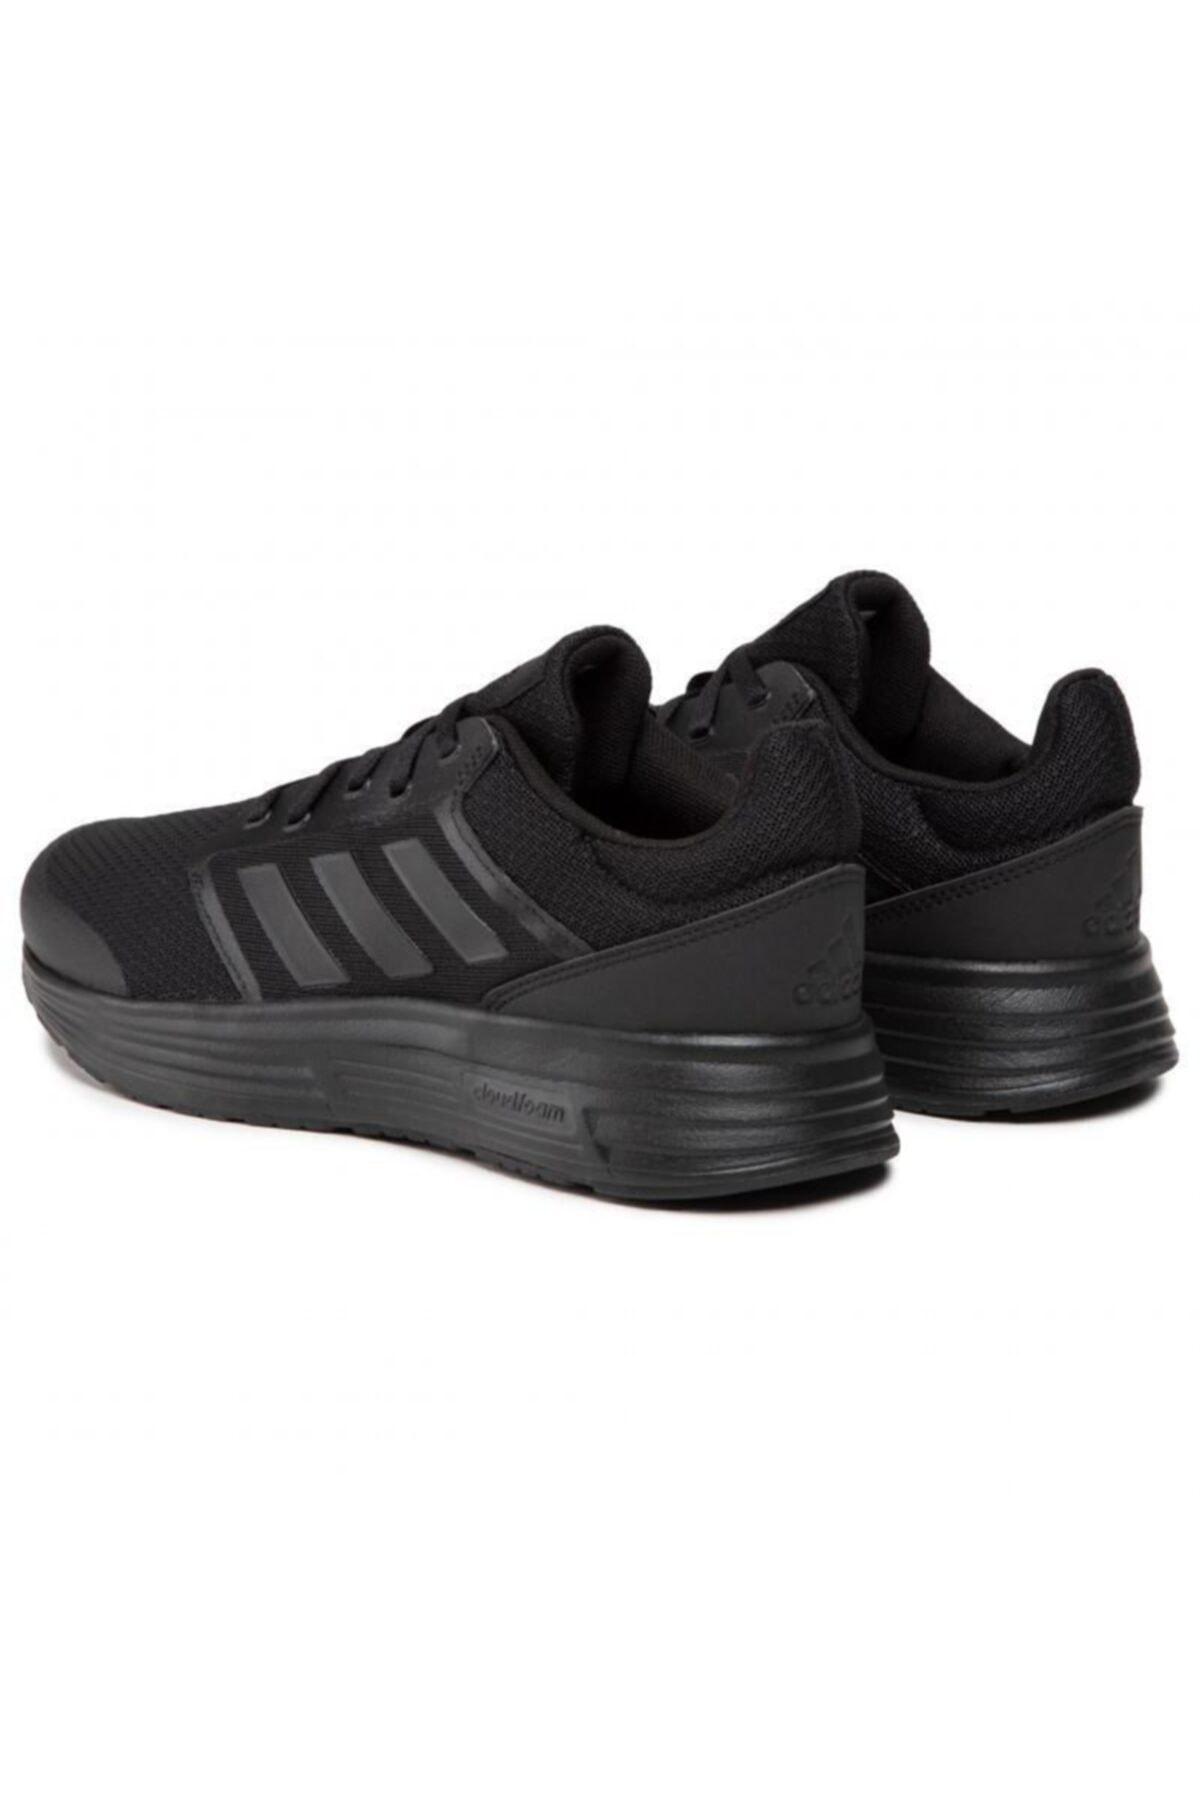 Galaxy 5 Erkek Siyah Koşu Ayakkabısı (FY6718)